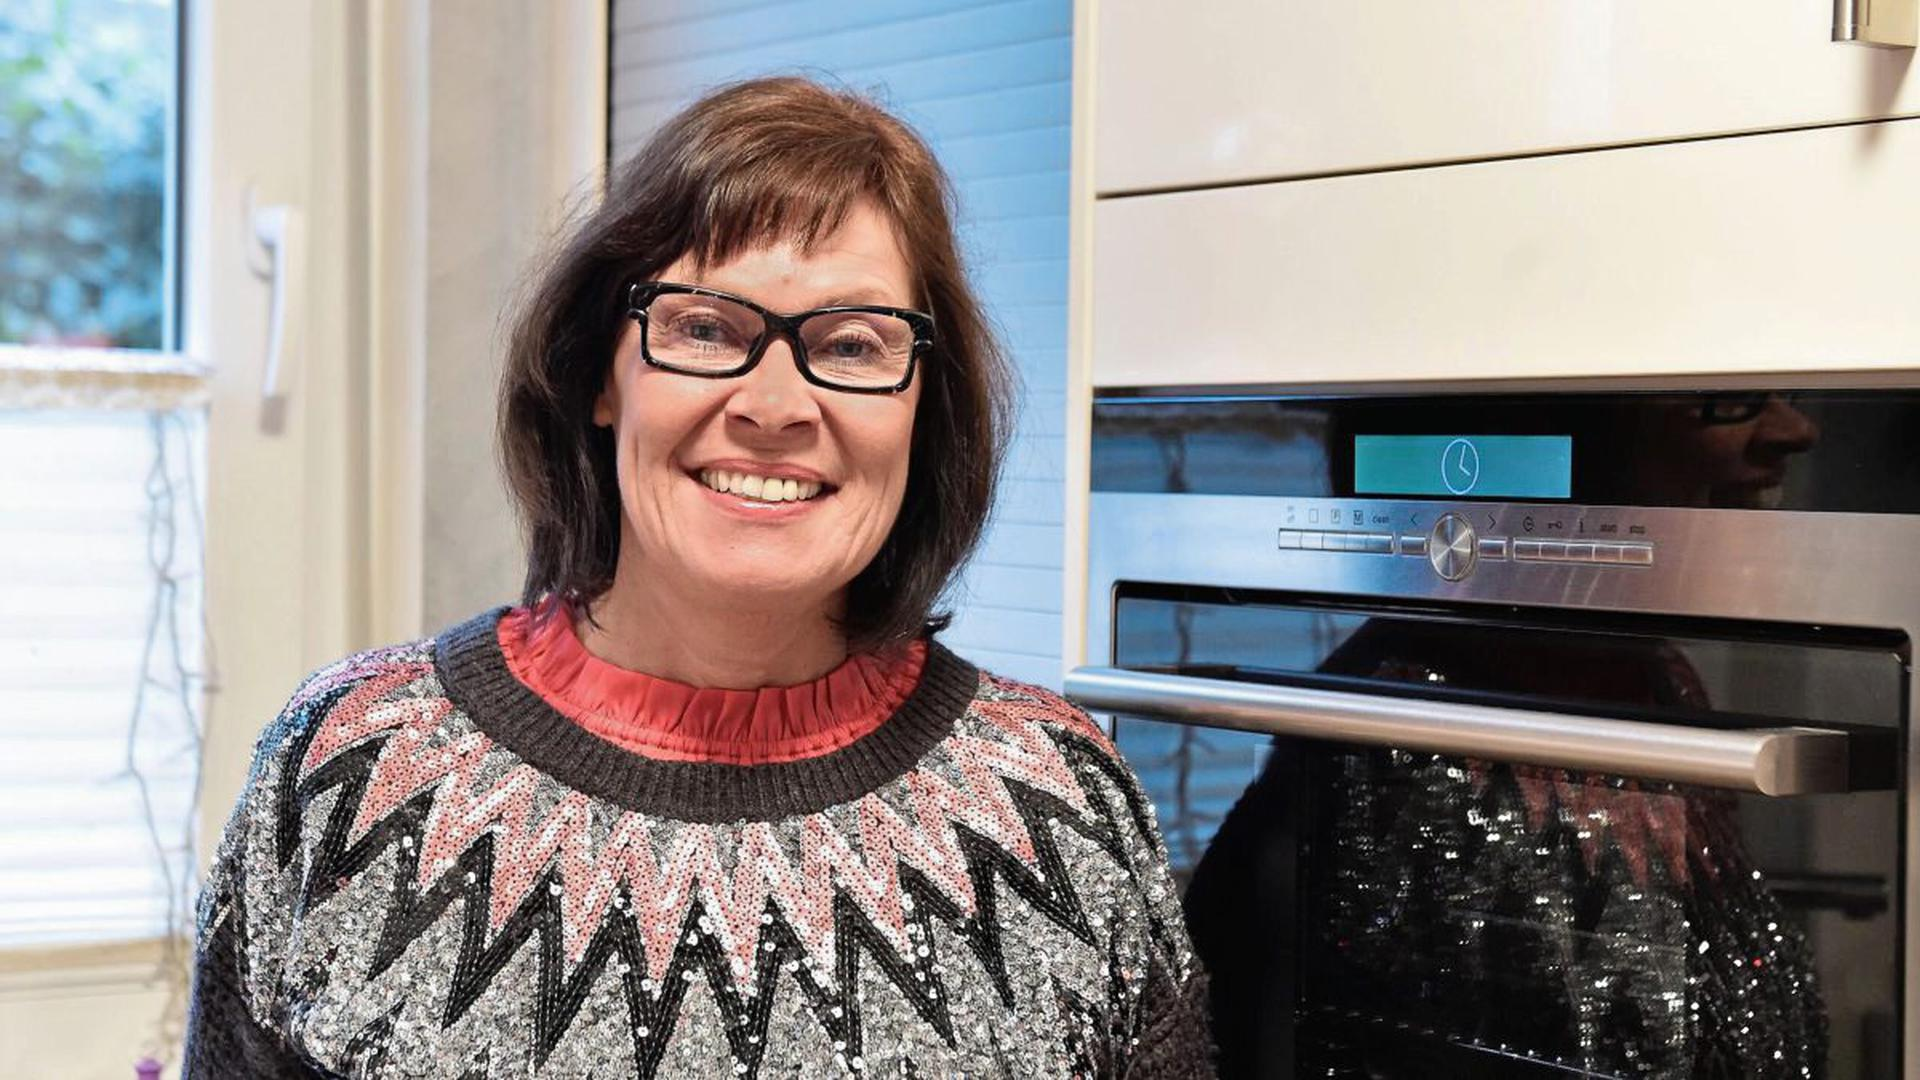 """""""Jeder hat gesagt: Du bist mutig"""", sagt Andrea Sonnenmoser (53) aus Leopoldshafen über die Reaktionen, als sie gesagt hat, dass sie bei der TV-Kochshow """"Das perfekte Dinner"""" mitmacht."""